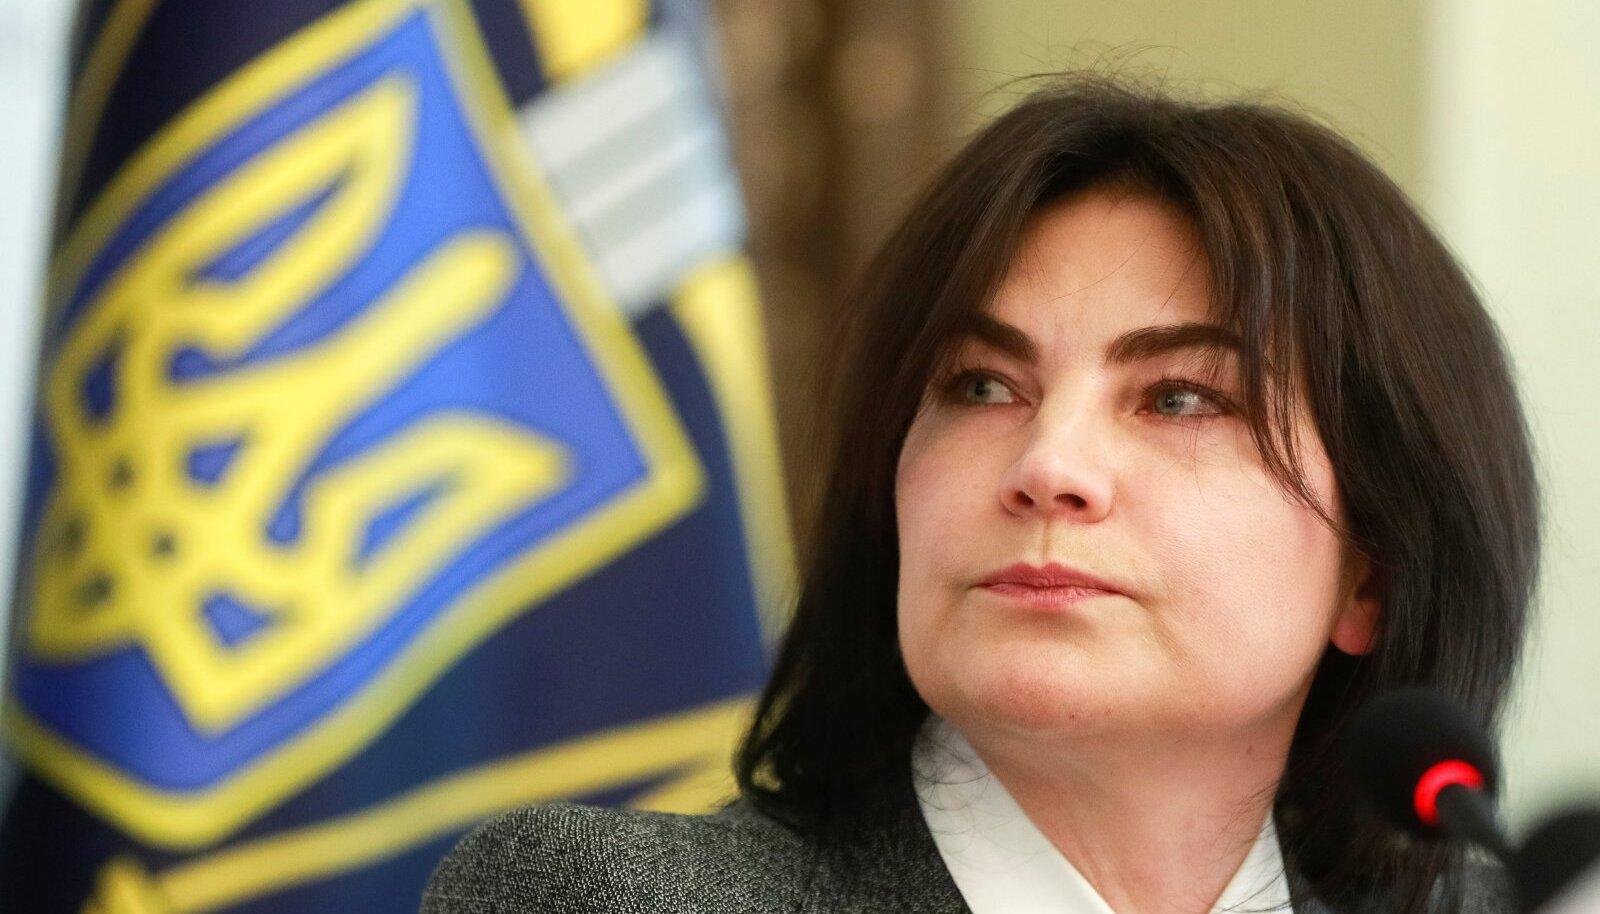 KÕRGE KÜLALINE: Ukraina peaprokurör Irõna Venediktova, keda mõned Eesti ärimehed peavad suurvarguse uurimise takistajaks.